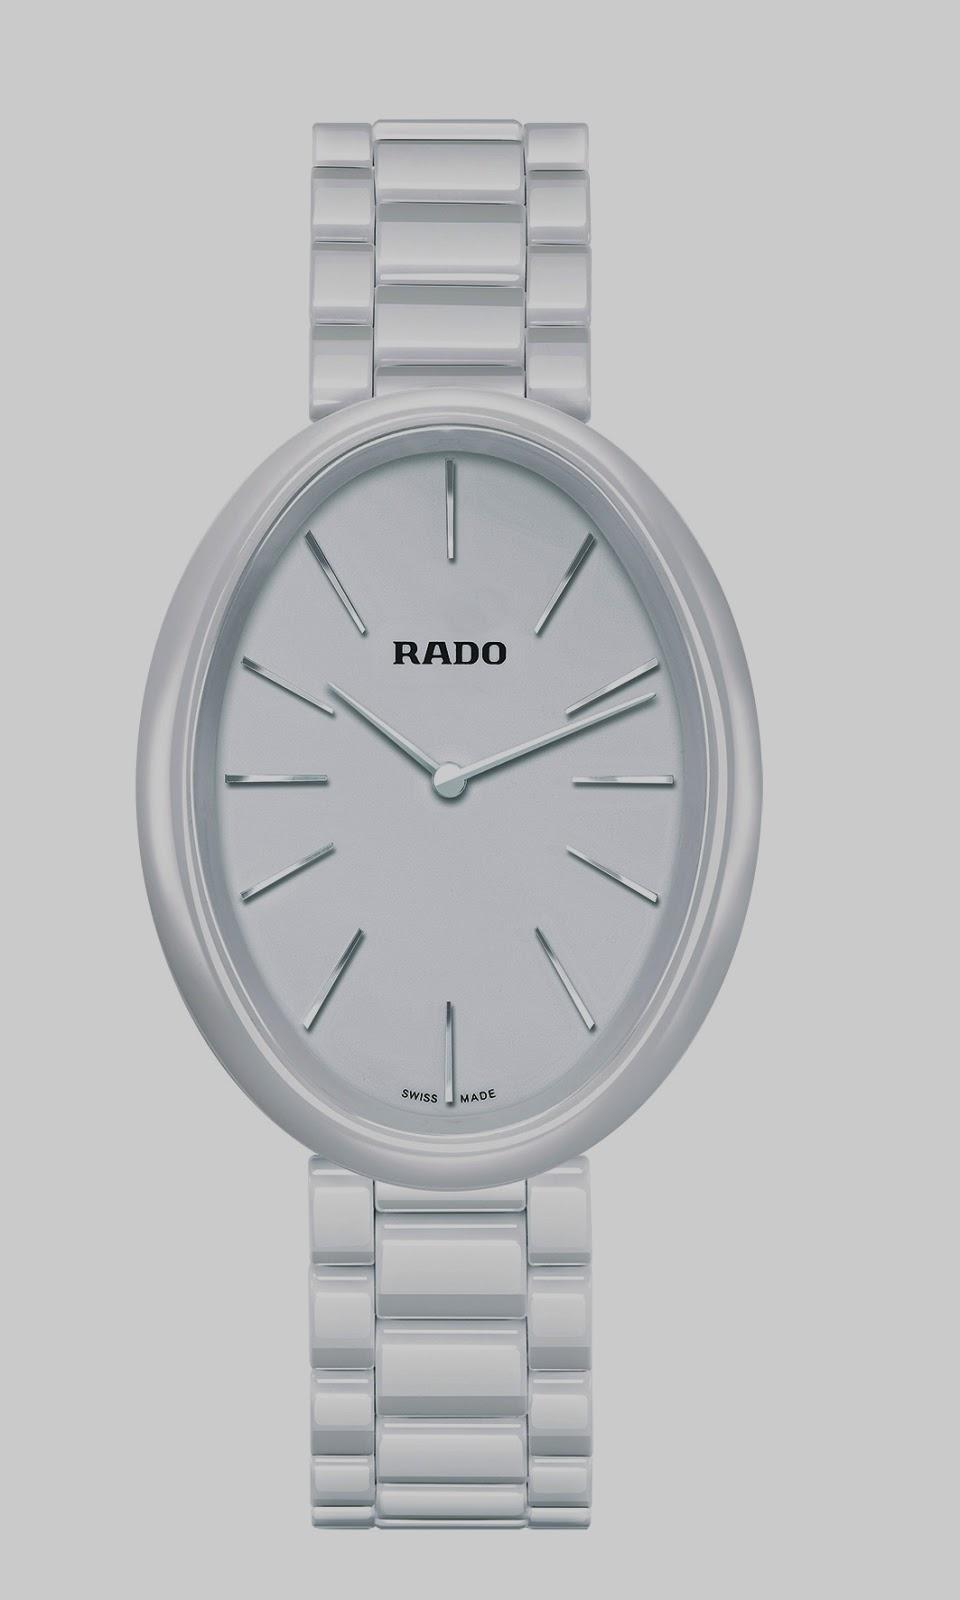 746c0fe5f0d Estação Cronográfica  Chegado(s) ao mercado - relógios Rado Esenza ...